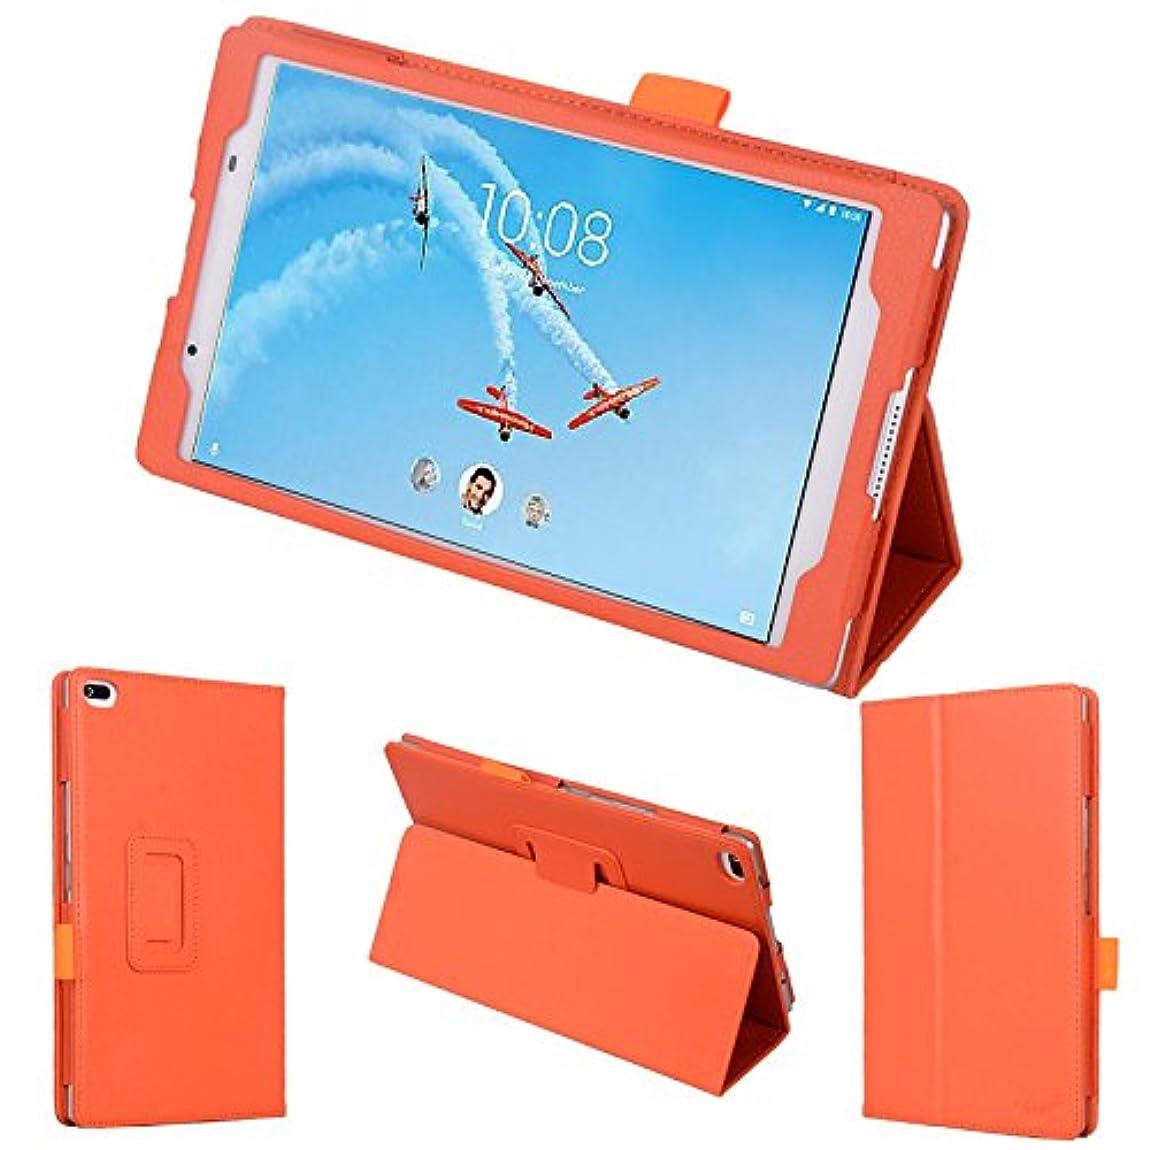 汚すゴージャス奪うwisers タッチペン?保護フィルム付 Lenovo Tab 4 8 ZA2B0045JP 8.0インチ タブレット 専用 ケース カバー [2017 年 新型] オレンジ